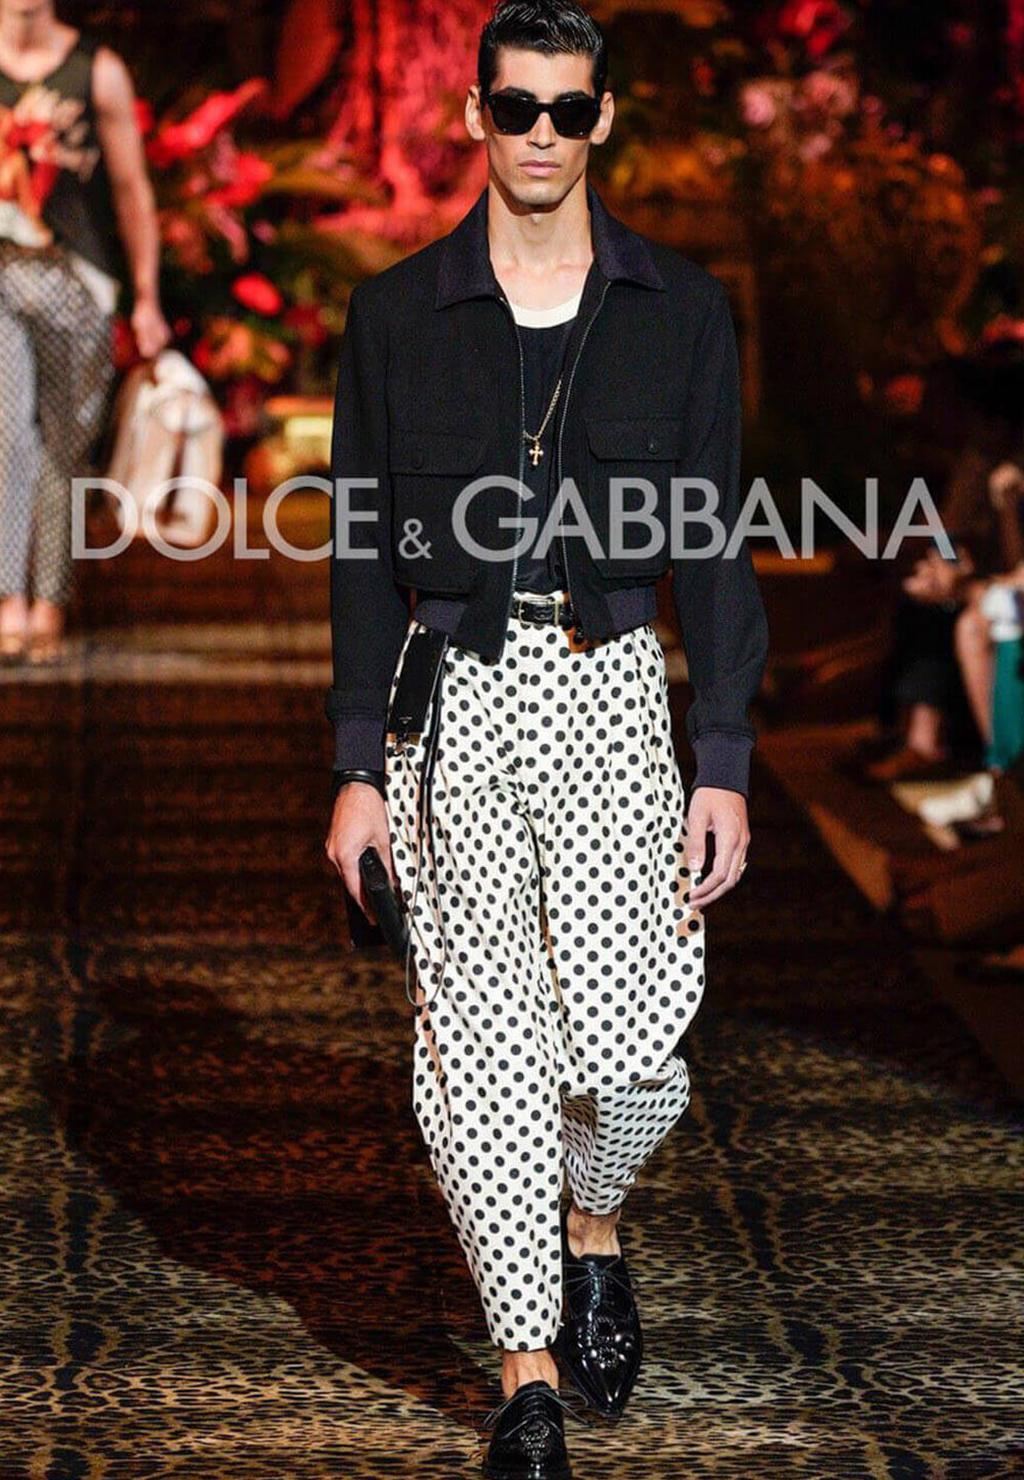 Dolce Gabbana Diogo